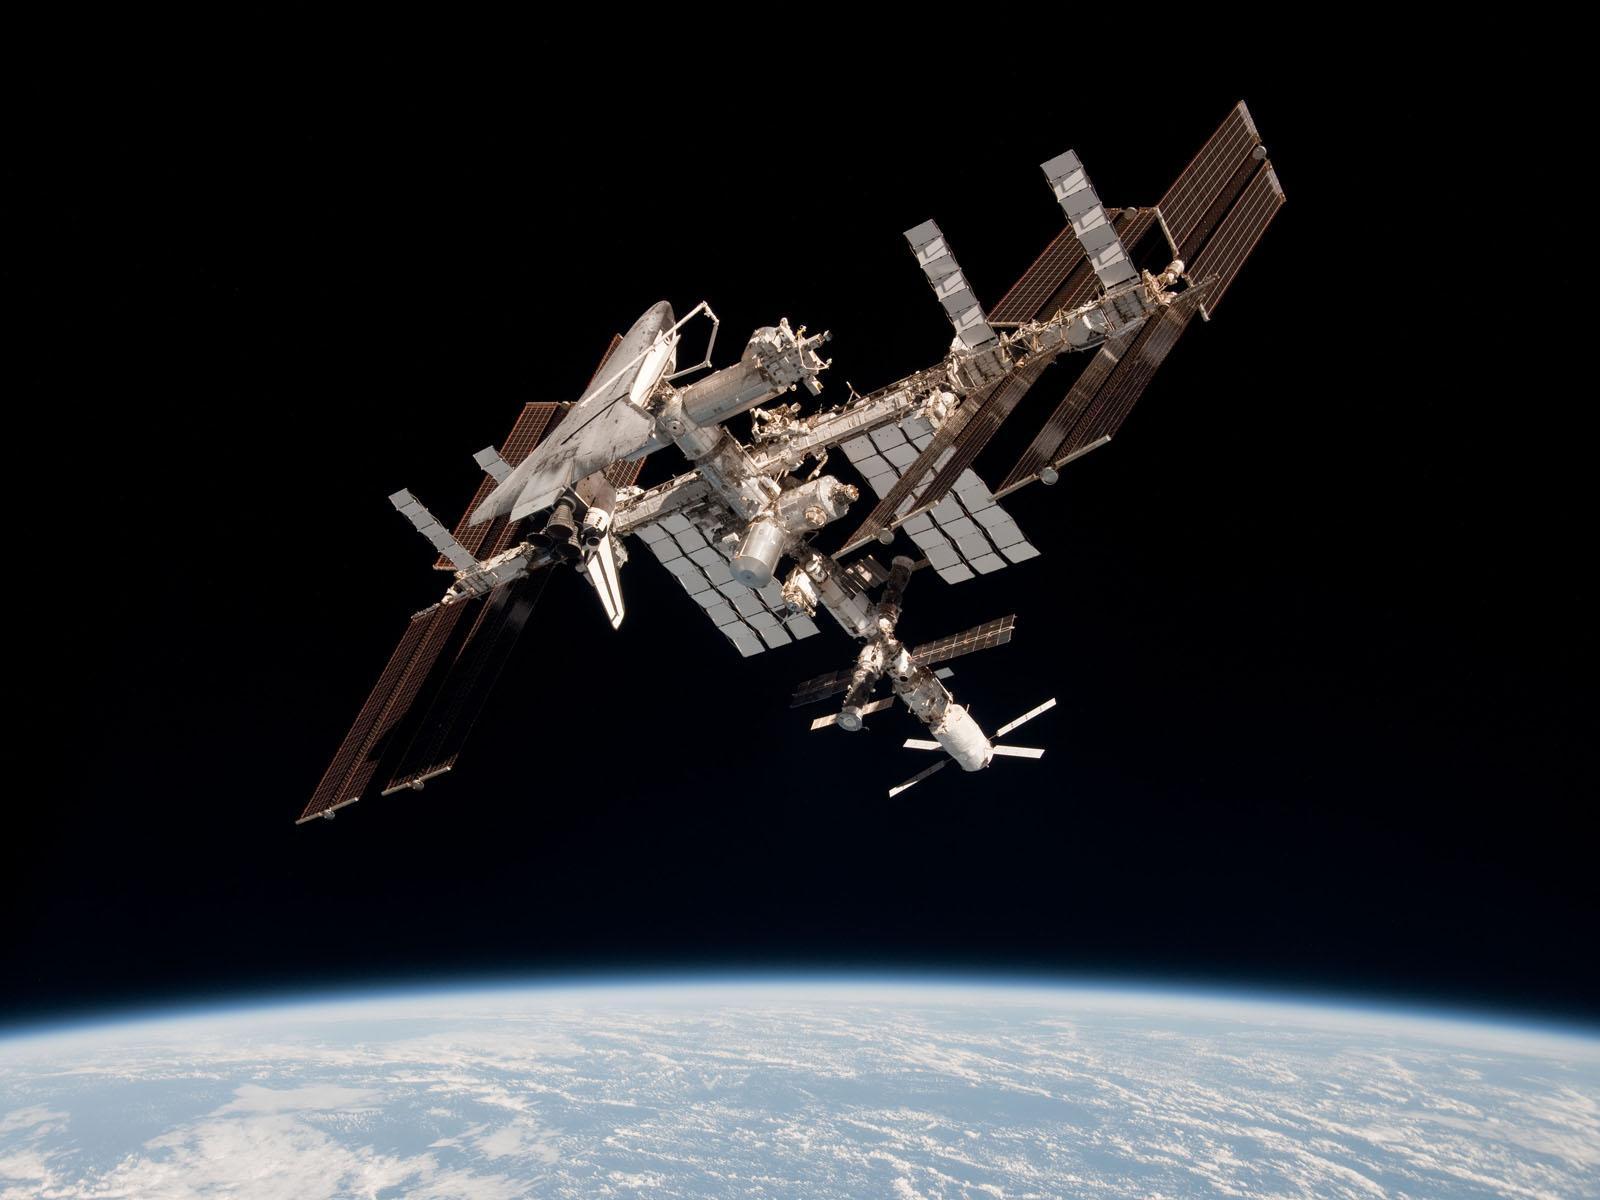 ایستگاه فضایی بینالمللی (ISS) - مدار پایینی زمین (LEO)